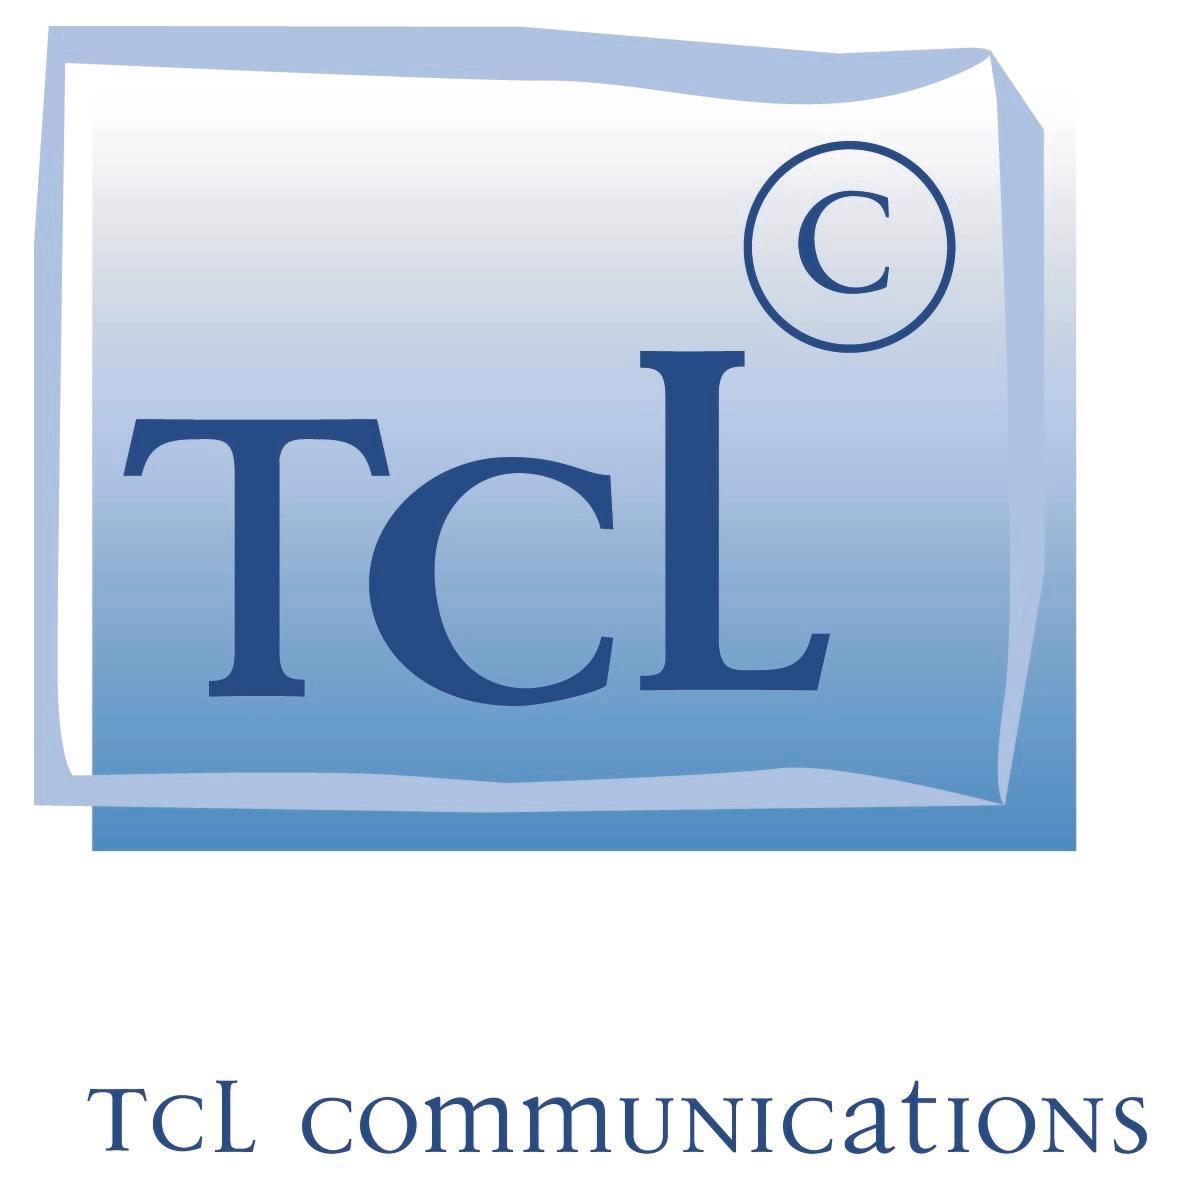 TTCL Communication